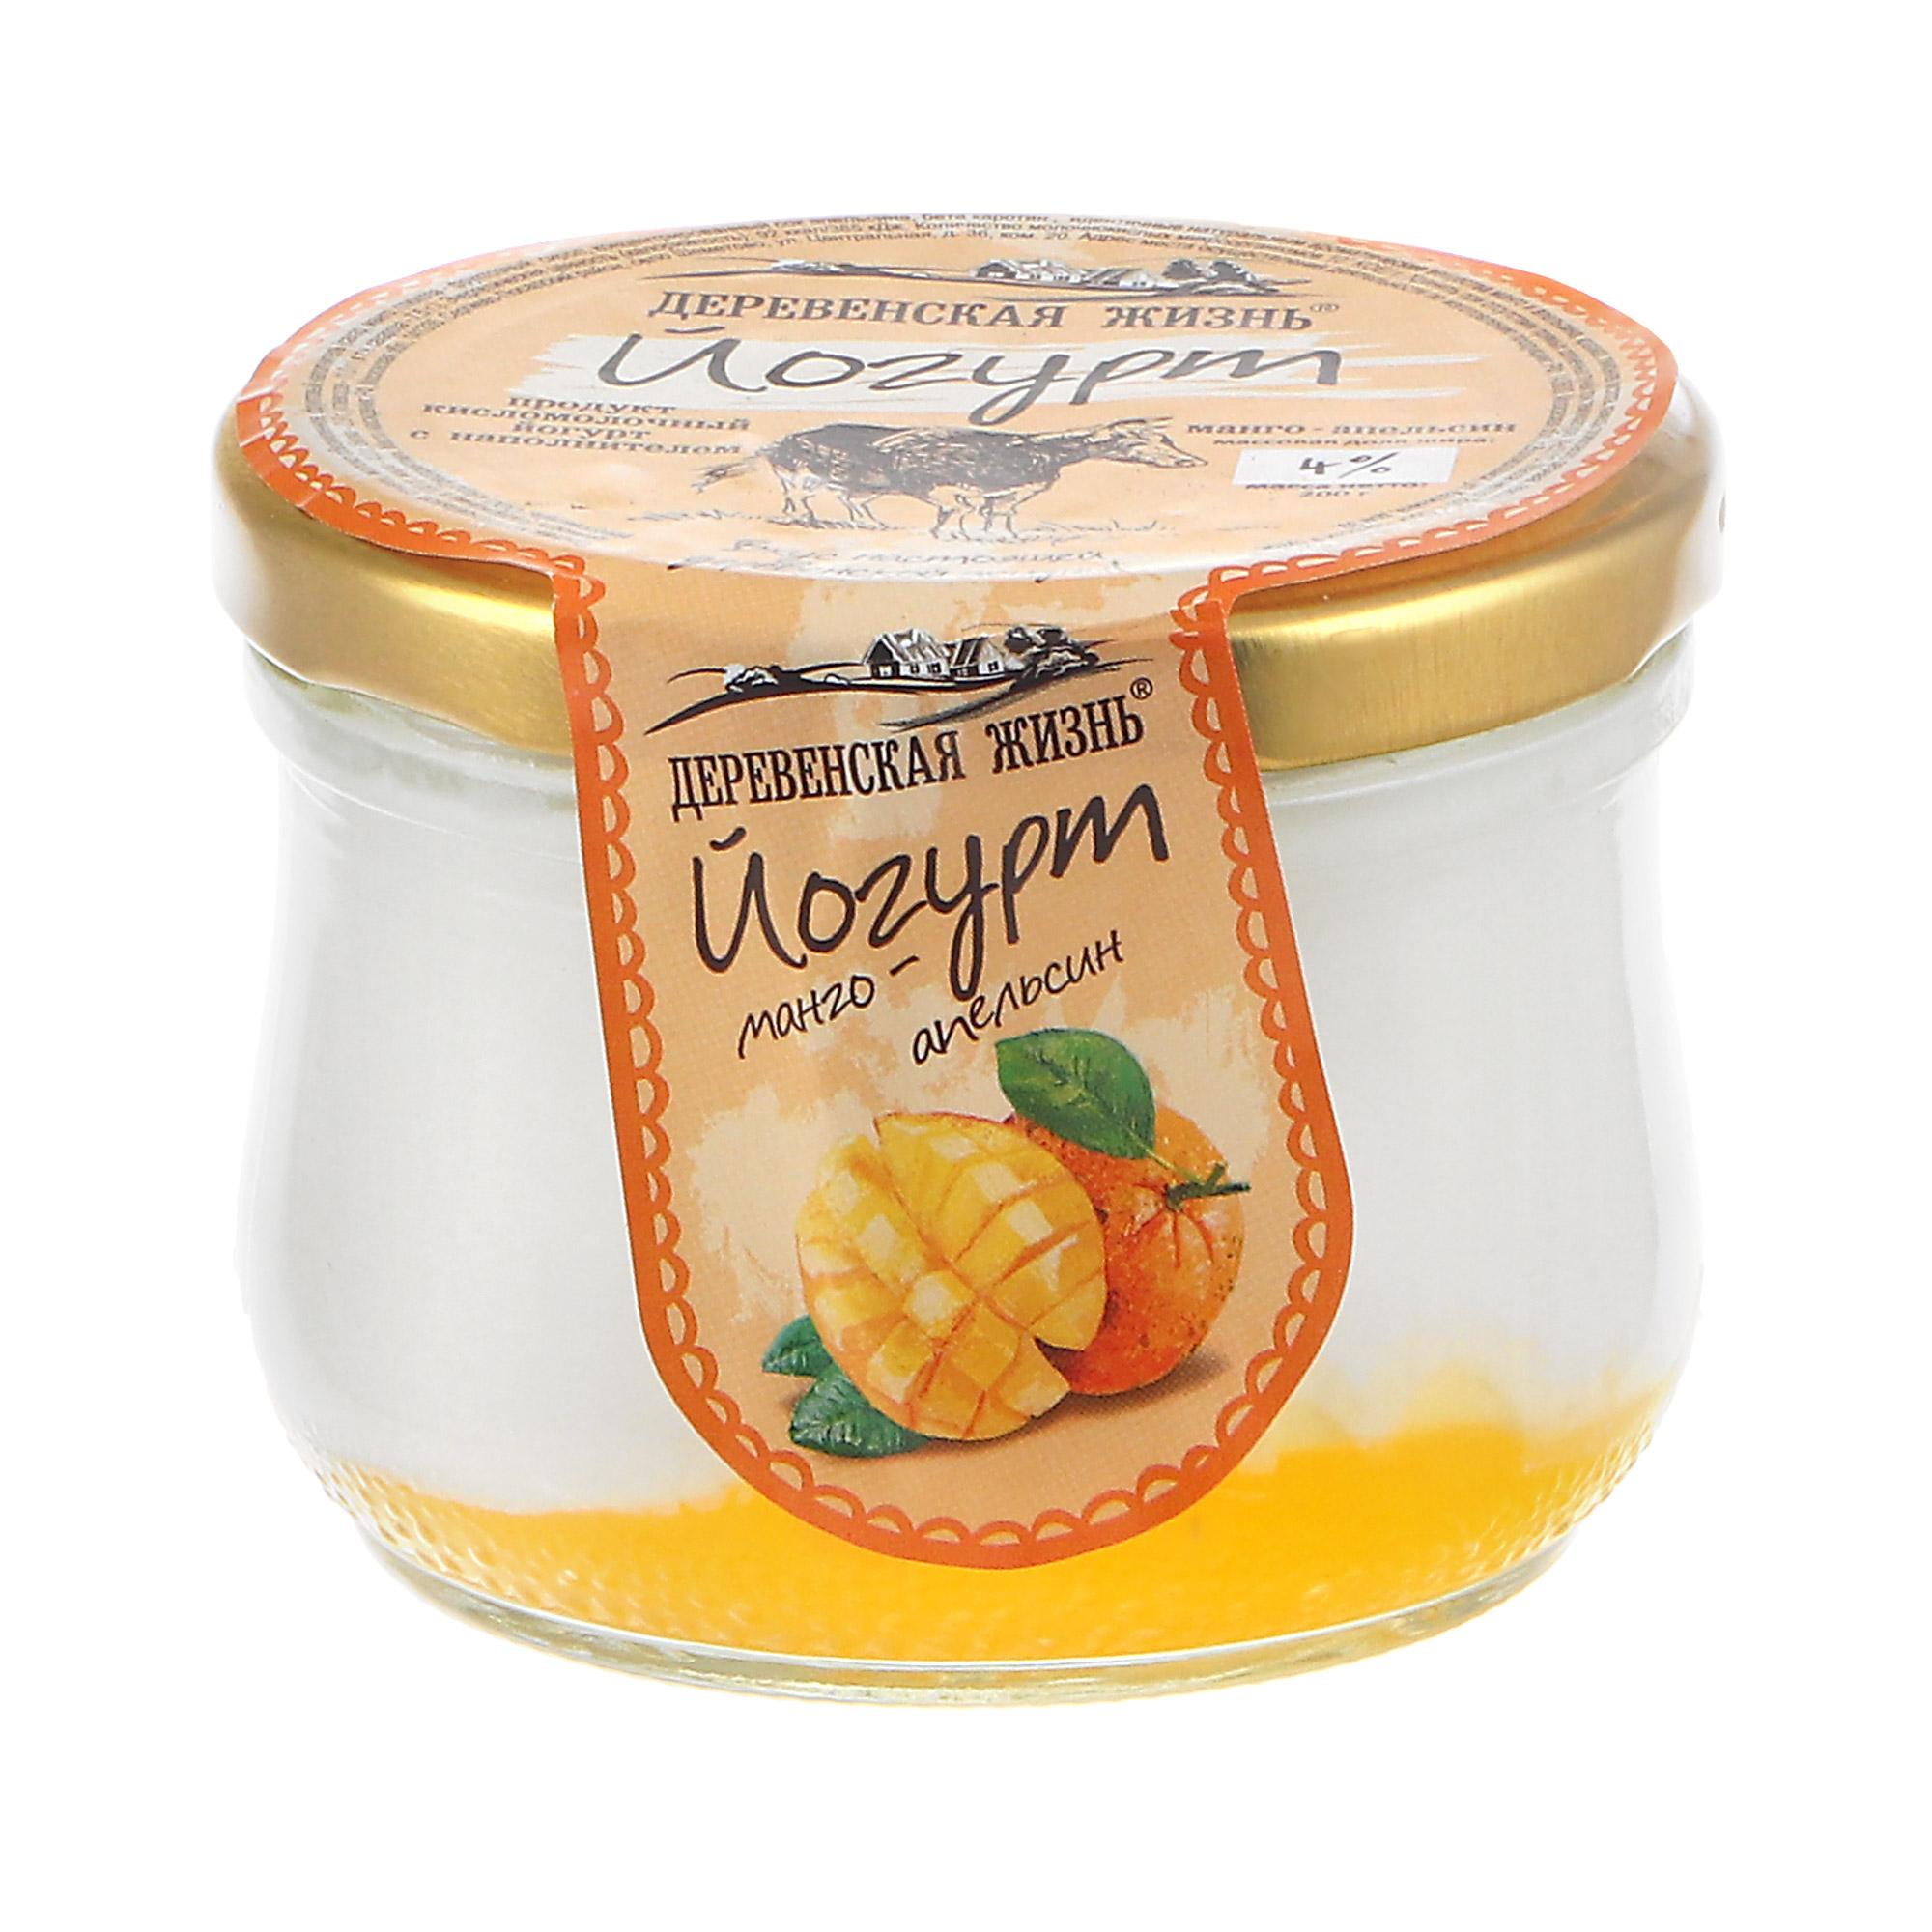 Йогурт термостатный Деревенская жизнь апельсин-манго 4% 200 г недорого